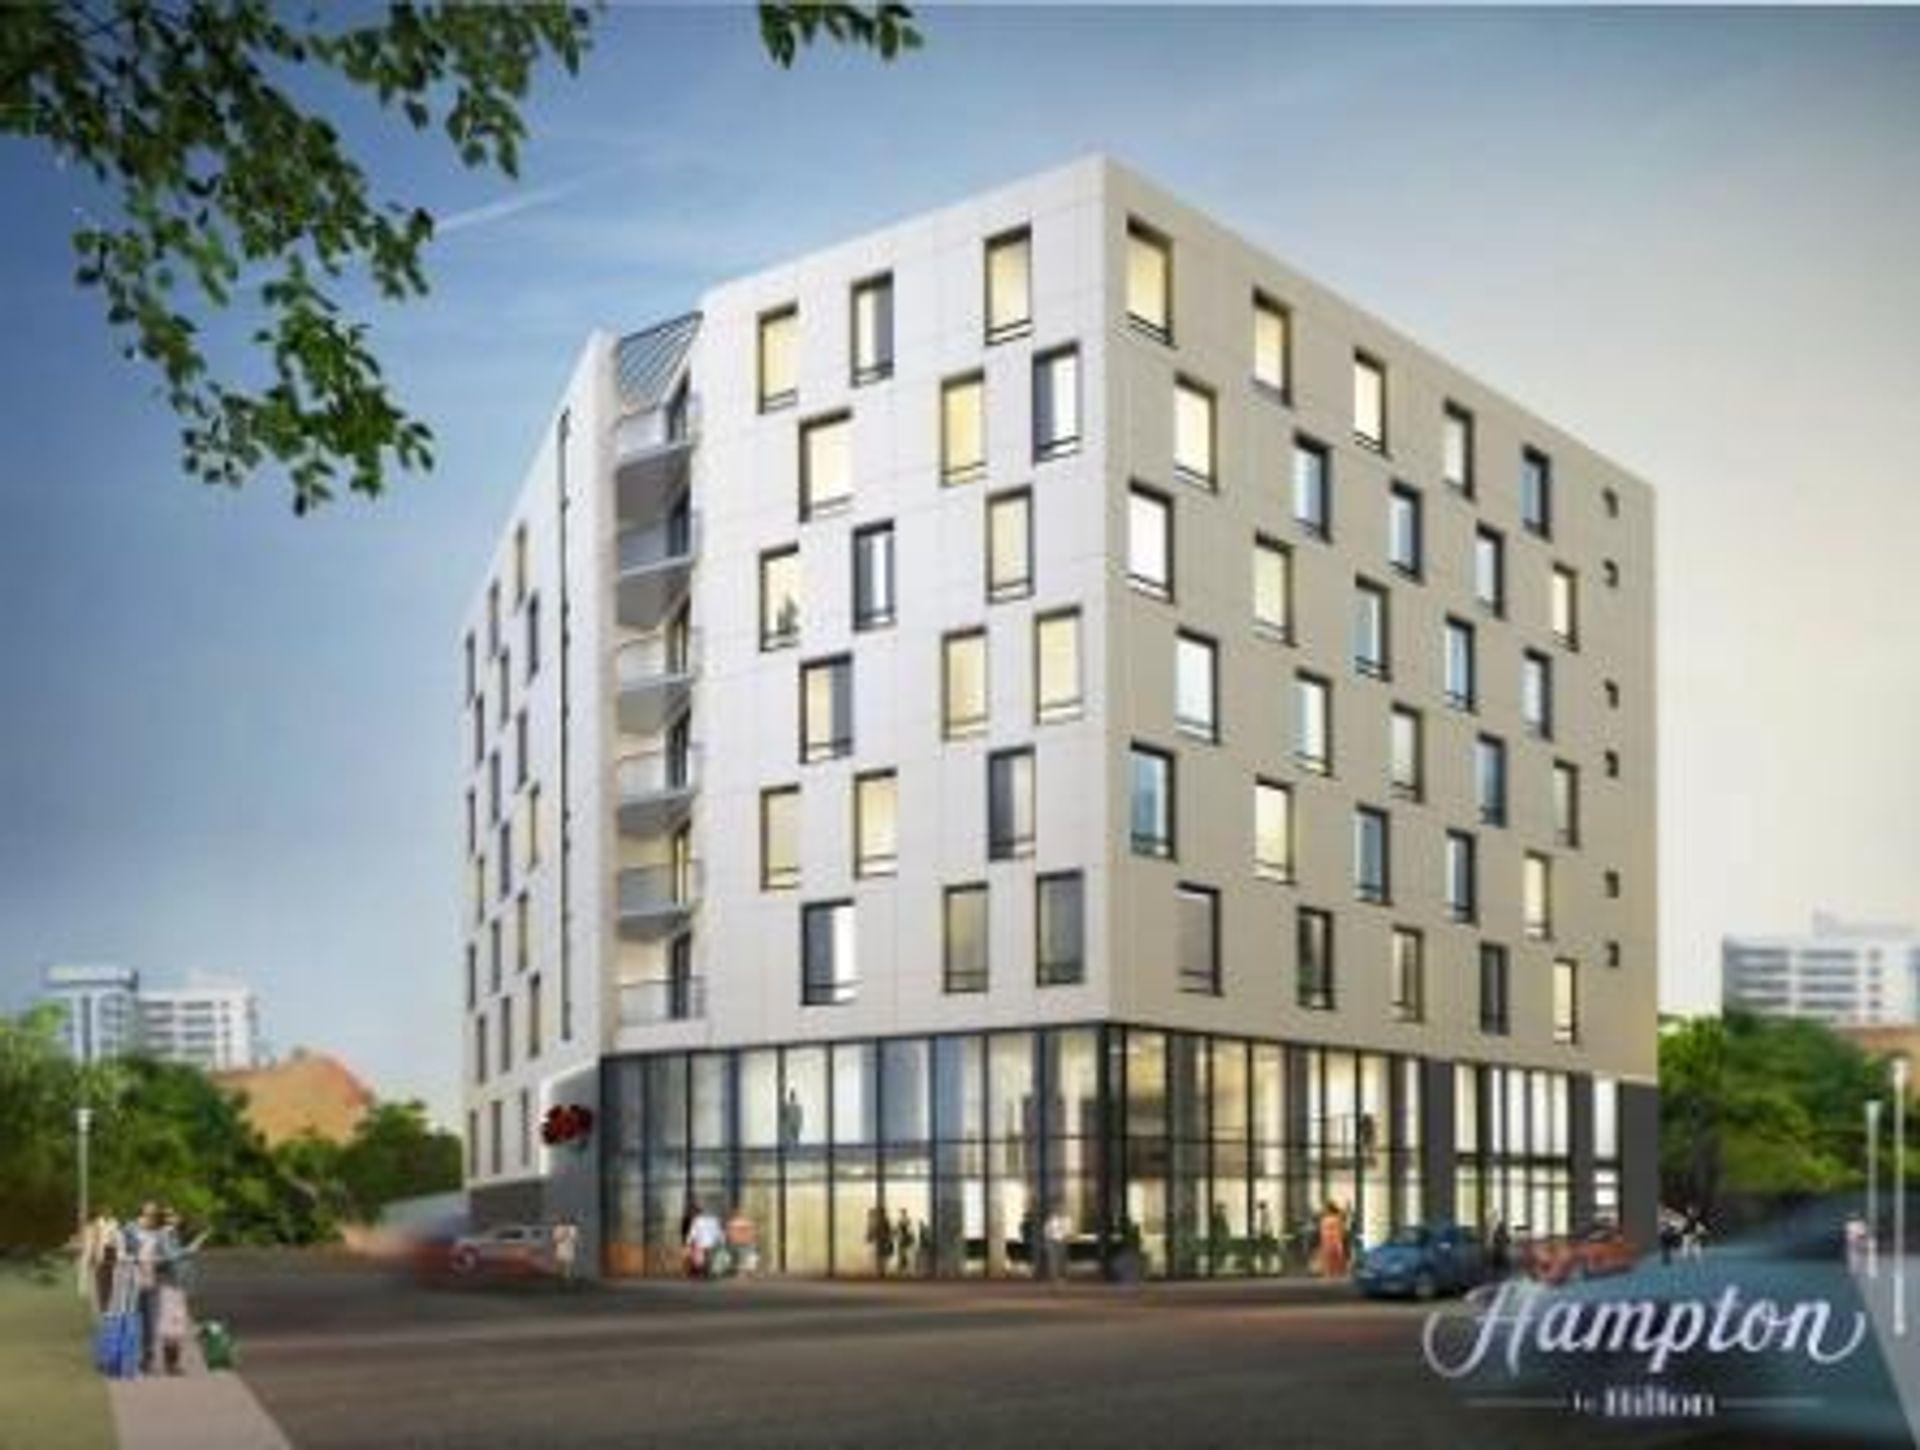 [Wrocław] West Real Estate SA wybuduje hotel Hampton by Hilton we Wrocławiu